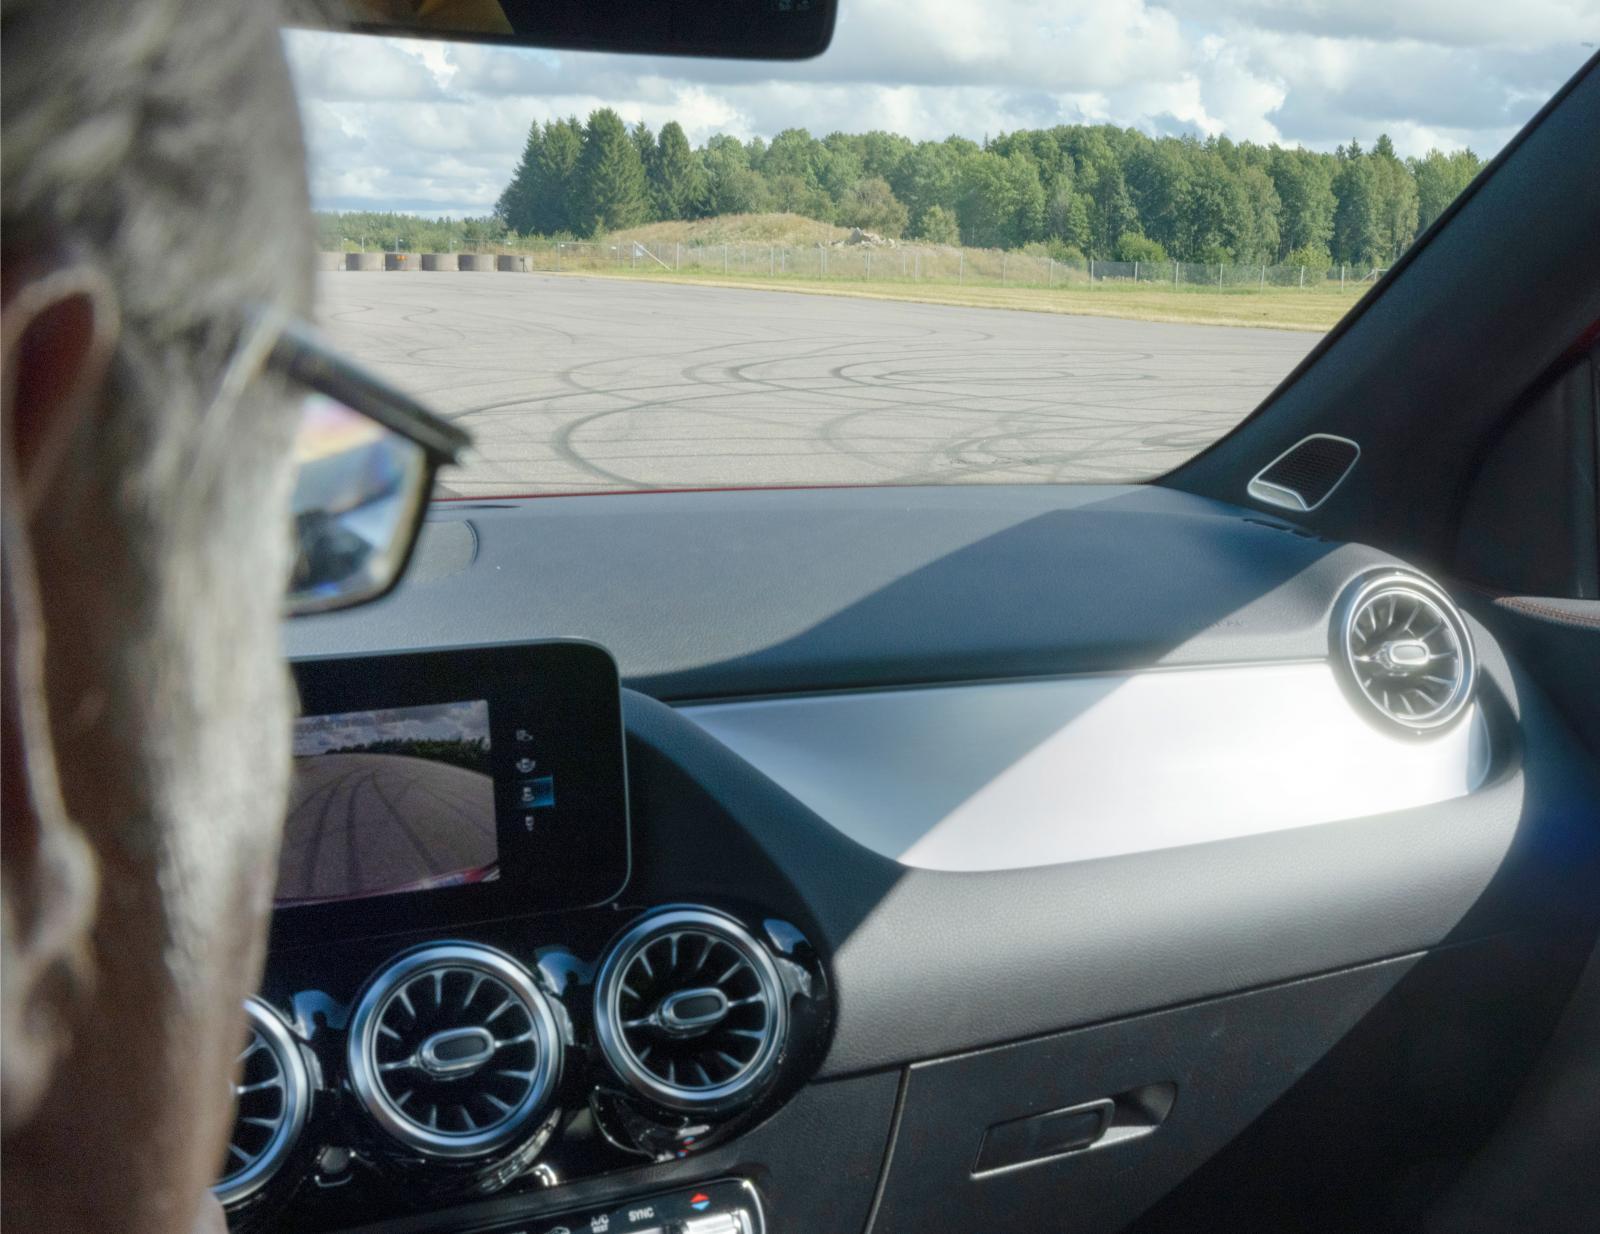 Dekorpanelen i längsslipad aluminium (1750 kr) ger i vissa ljusvinklar jobbiga reflexer. Mindre blanka dekorpaneler är standard.